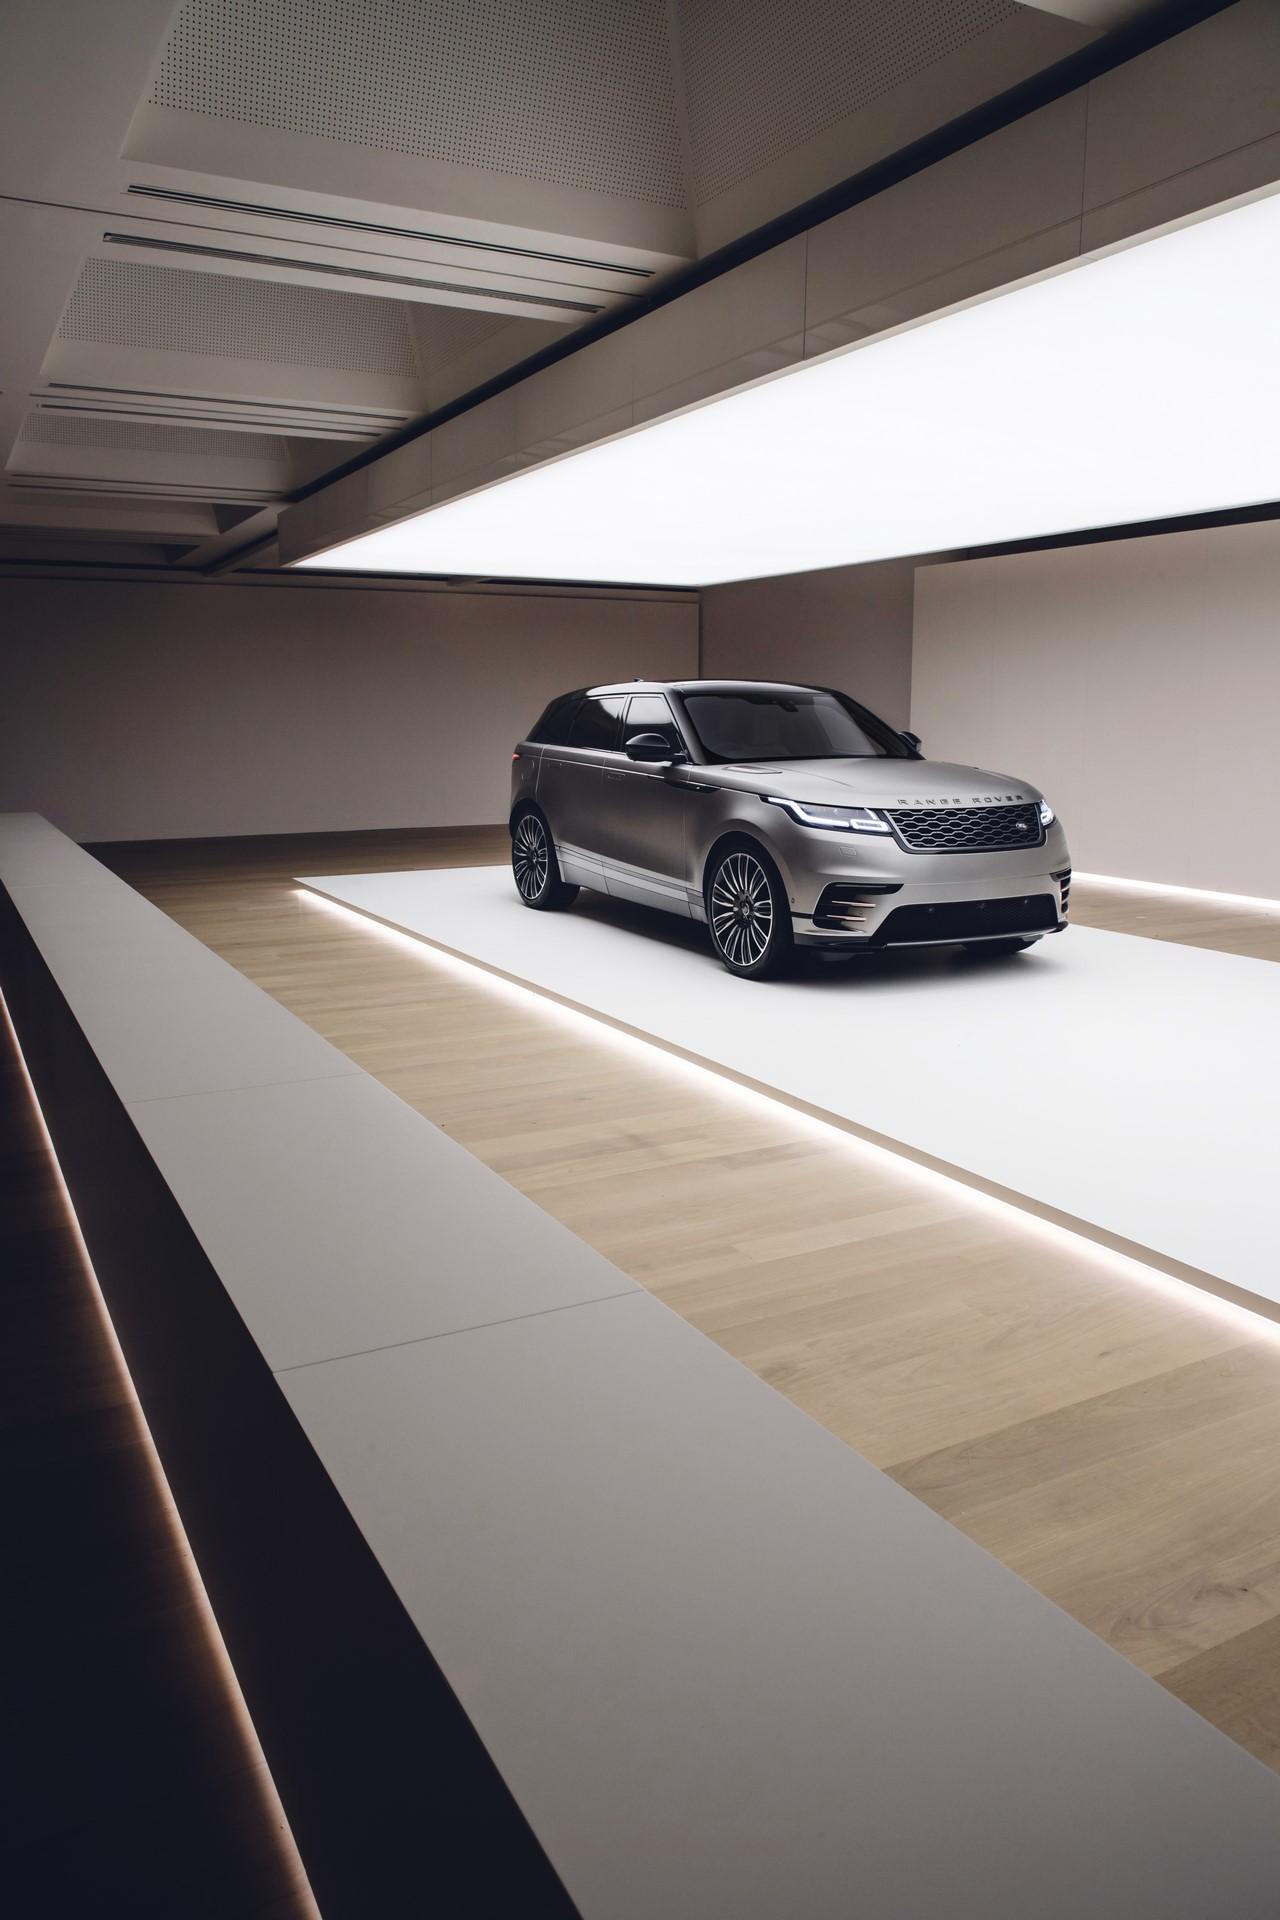 Range Rover Velar 2017 (105)